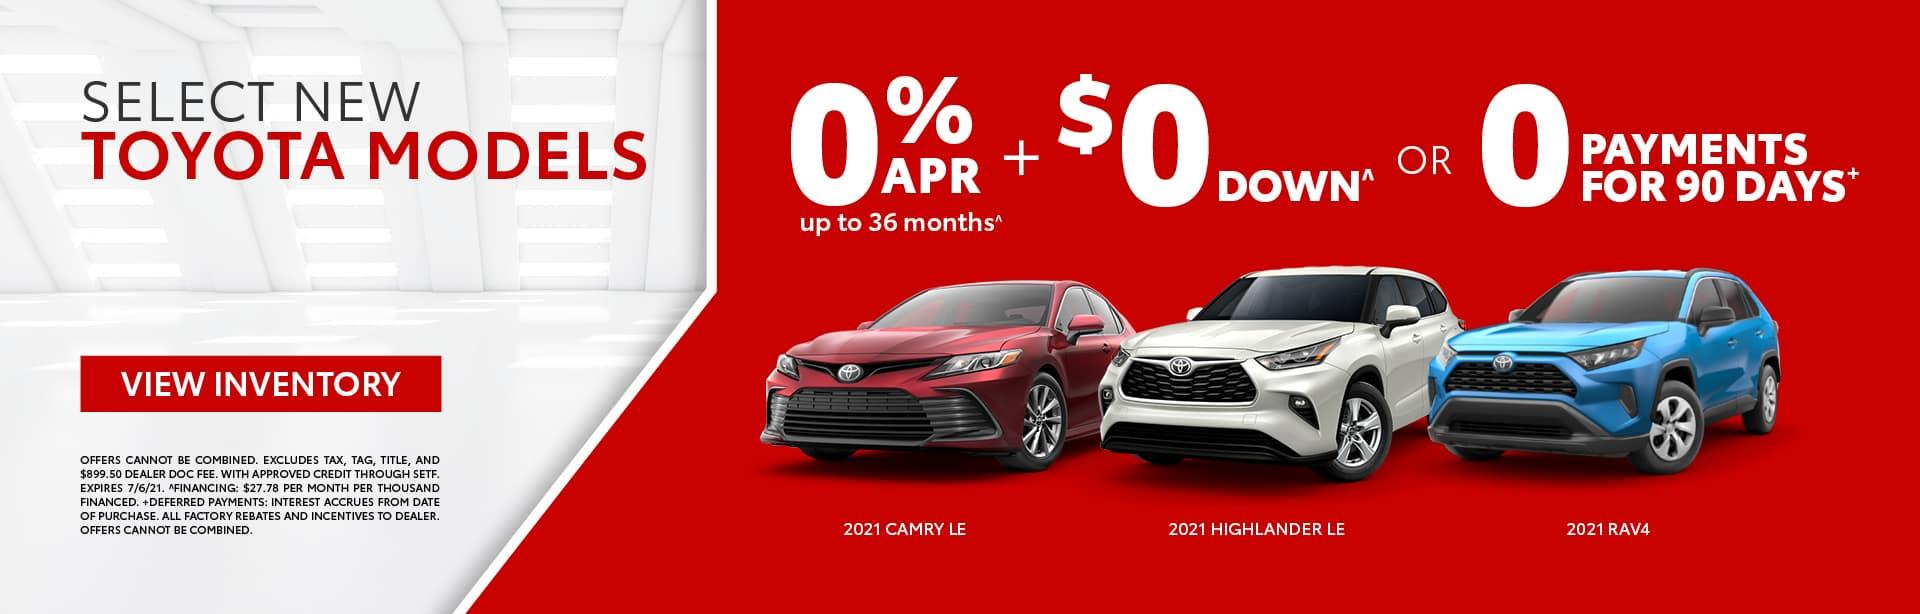 Select New Toyota Models